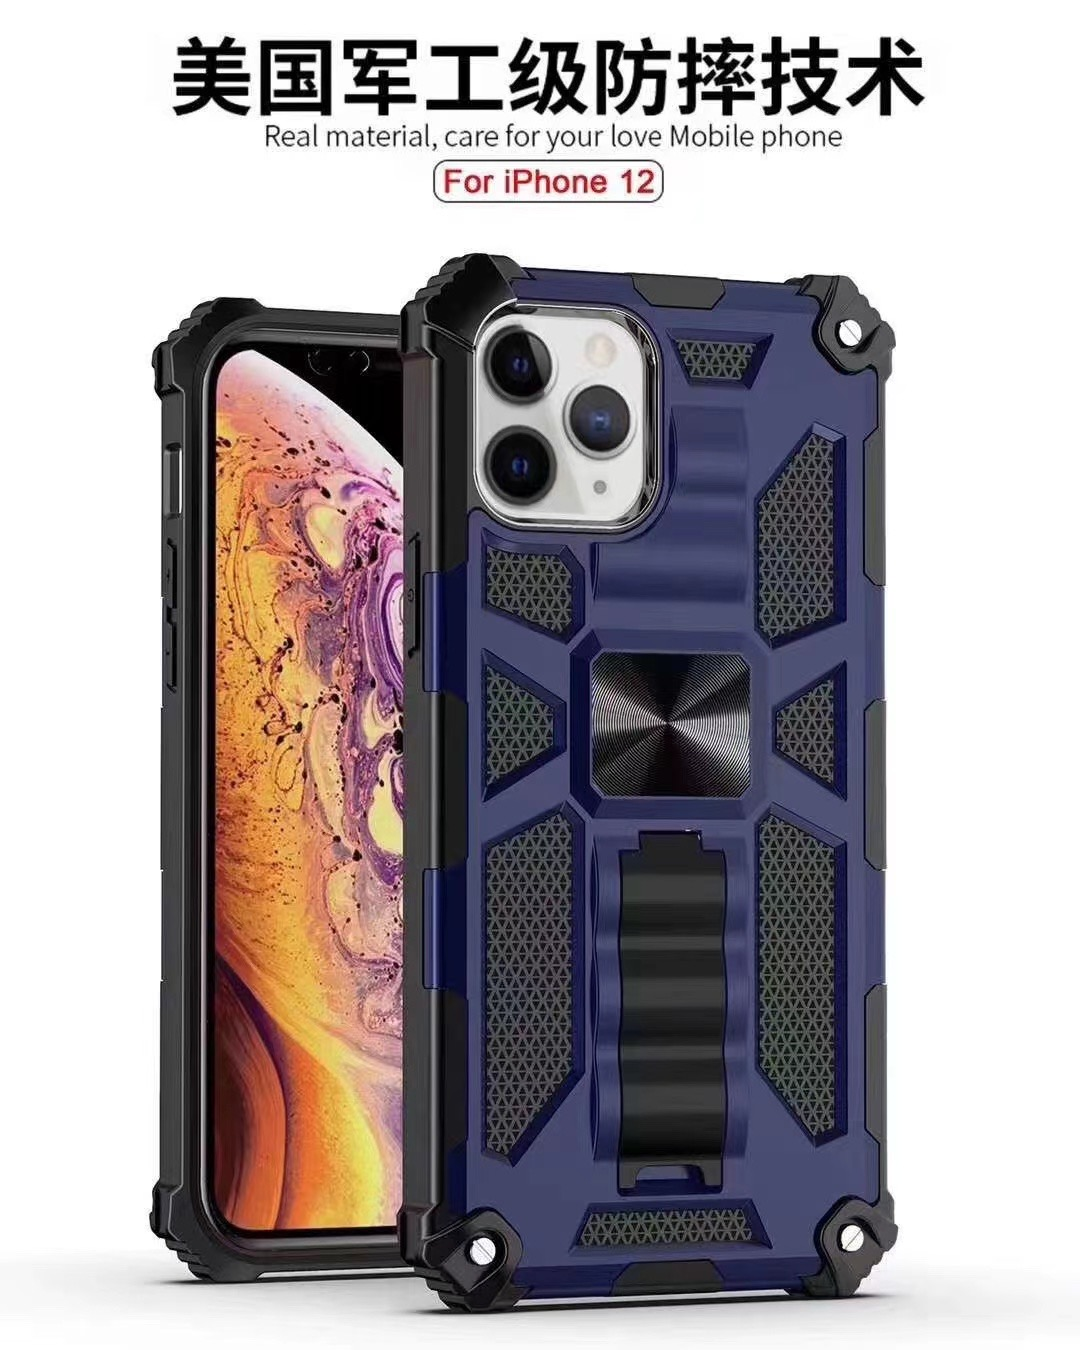 เคสโทรศัพท์มือถือแบบสองชั้นสําหรับ Iphone 12 Pro Max Xr Xs Max Iphone 6 6s 7 8 Plus Se 2020